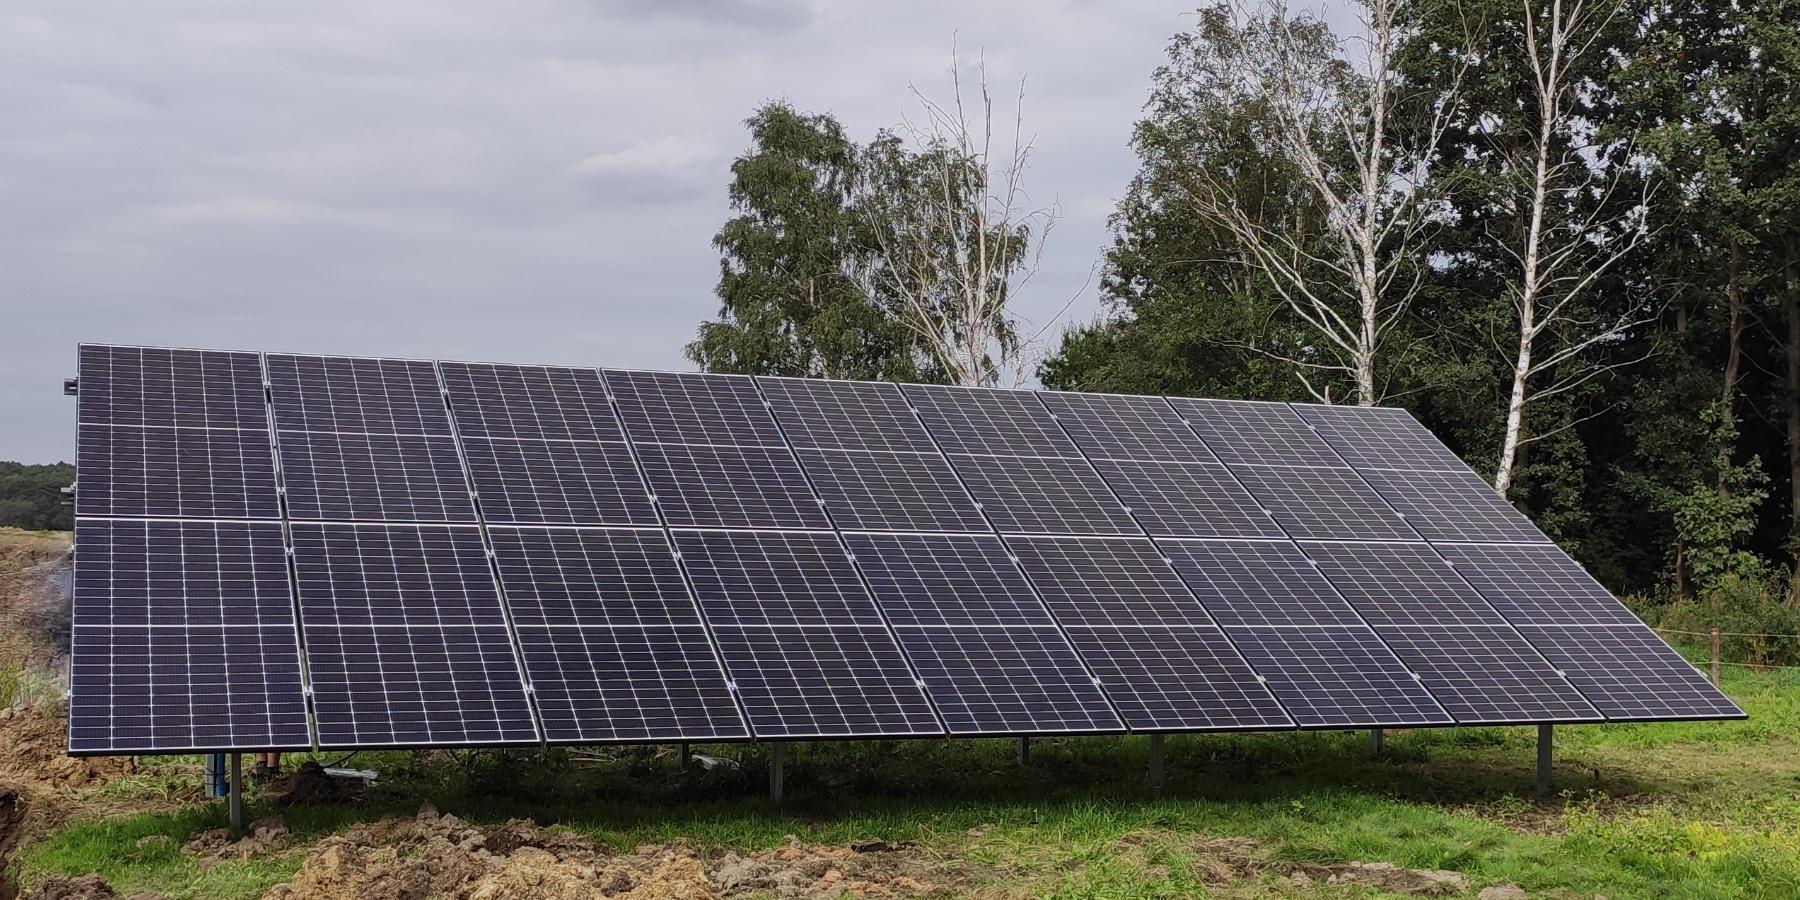 instalacja naziemna fotowoltaiczna 9,72 kw realizacja solarprojekt